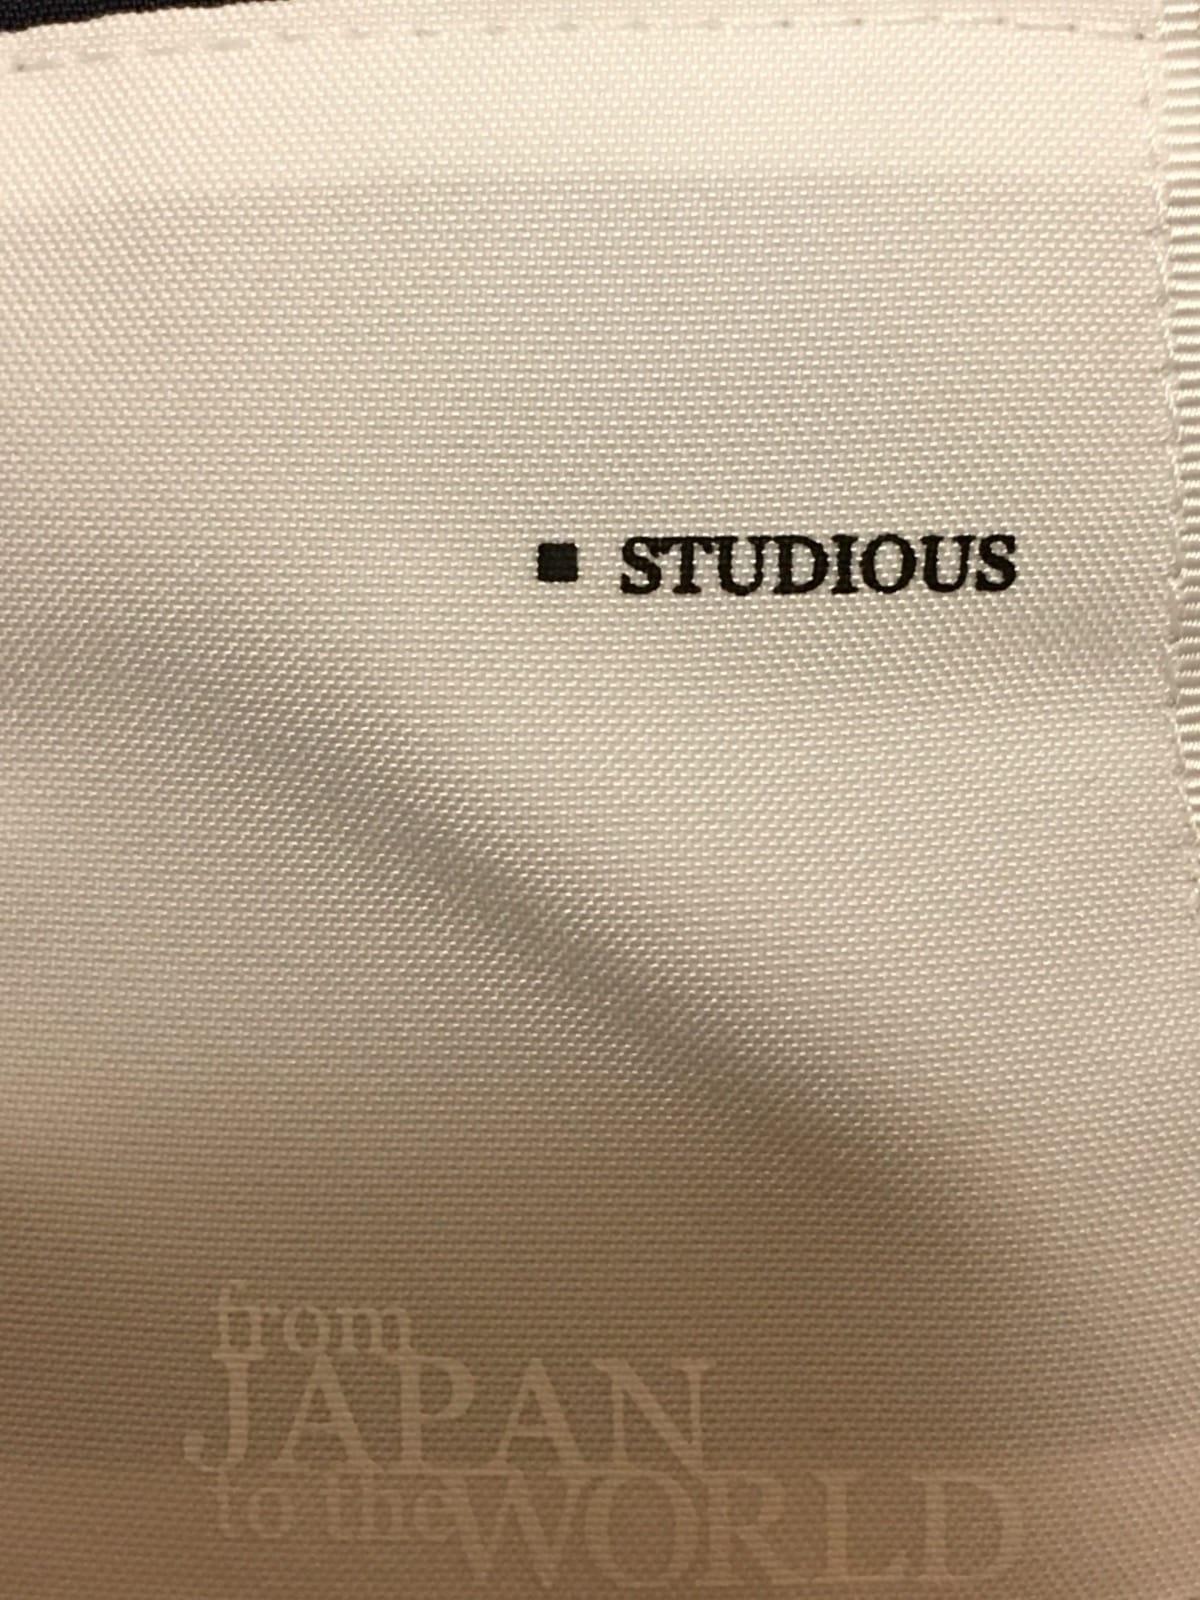 STUDIOUS(ステュディオス)のコート